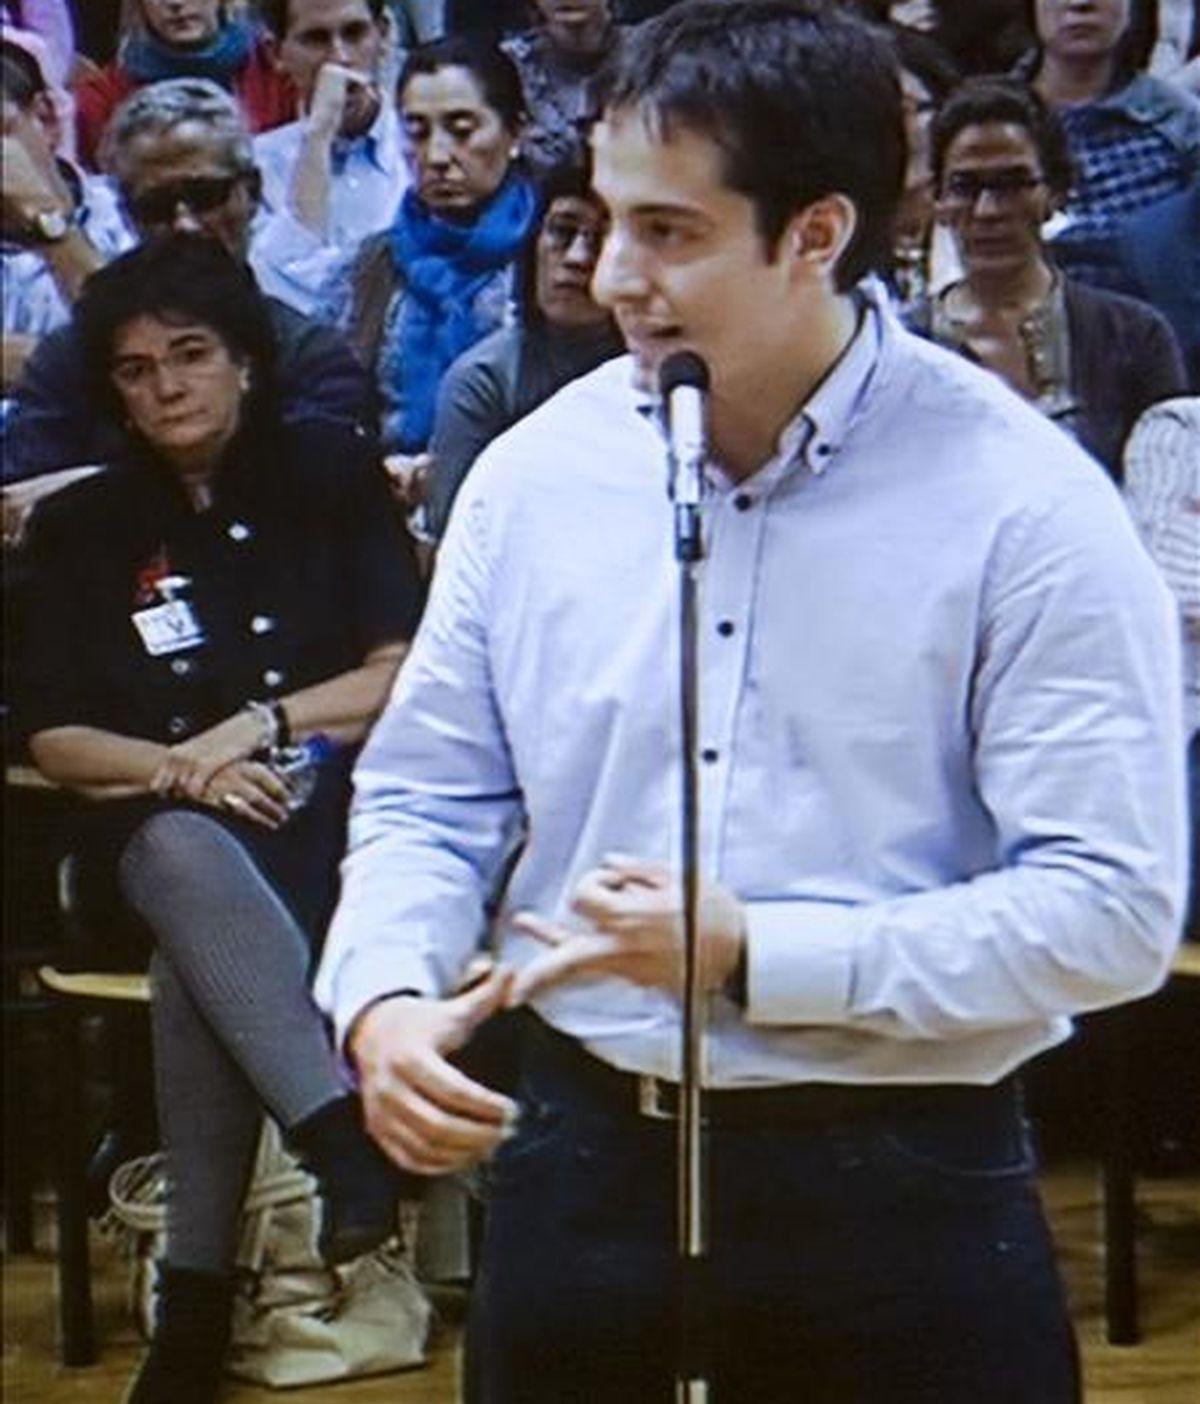 Imagen capturada de la televisión del momento en el que el psiquiatra, José Diego Yllanes, de 27 años, acusado de asesinar a la joven irundarra Nagore Laffage, de 20 años, en los Sanfermines 2008, presta declaración en el Palacio de Justicia de Navarra en la segunda jornada del juicio con jurado popular que se celebra contra él. EFE